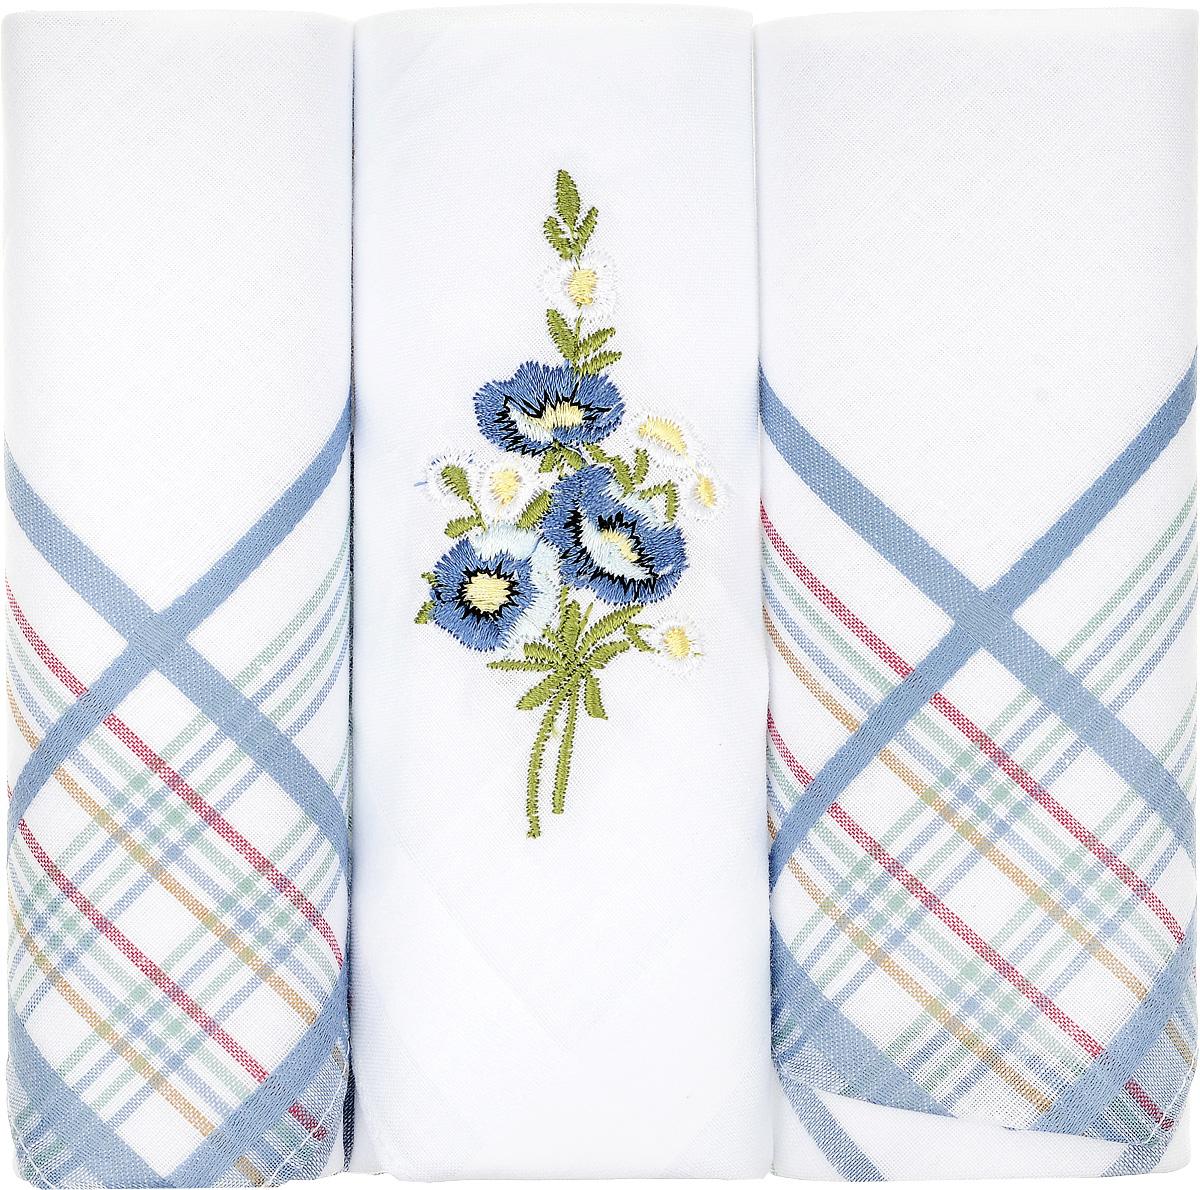 Платок носовой женский Zlata Korunka, цвет: белый, синий, 3 шт. 90329-51. Размер 29 см х 29 смАжурная брошьНебольшой женский носовой платок Zlata Korunka изготовлен из высококачественного натурального хлопка, благодаря чему приятен в использовании, хорошо стирается, не садится и отлично впитывает влагу. Практичный и изящный носовой платок будет незаменим в повседневной жизни любого современного человека. Такой платок послужит стильным аксессуаром и подчеркнет ваше превосходное чувство вкуса.В комплекте 3 платка.